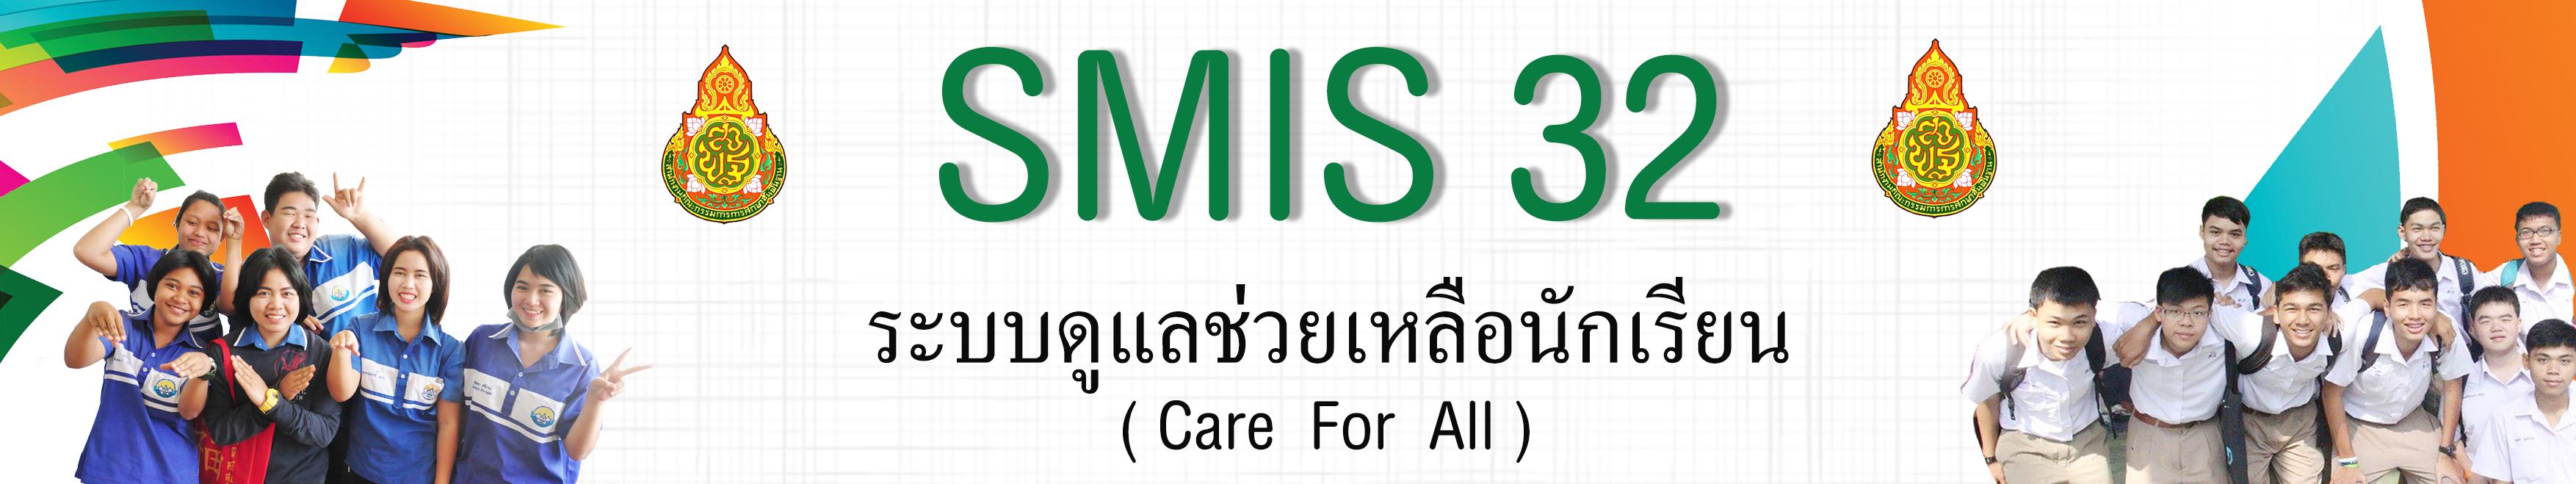 http://careforall.smis32.com/login.php